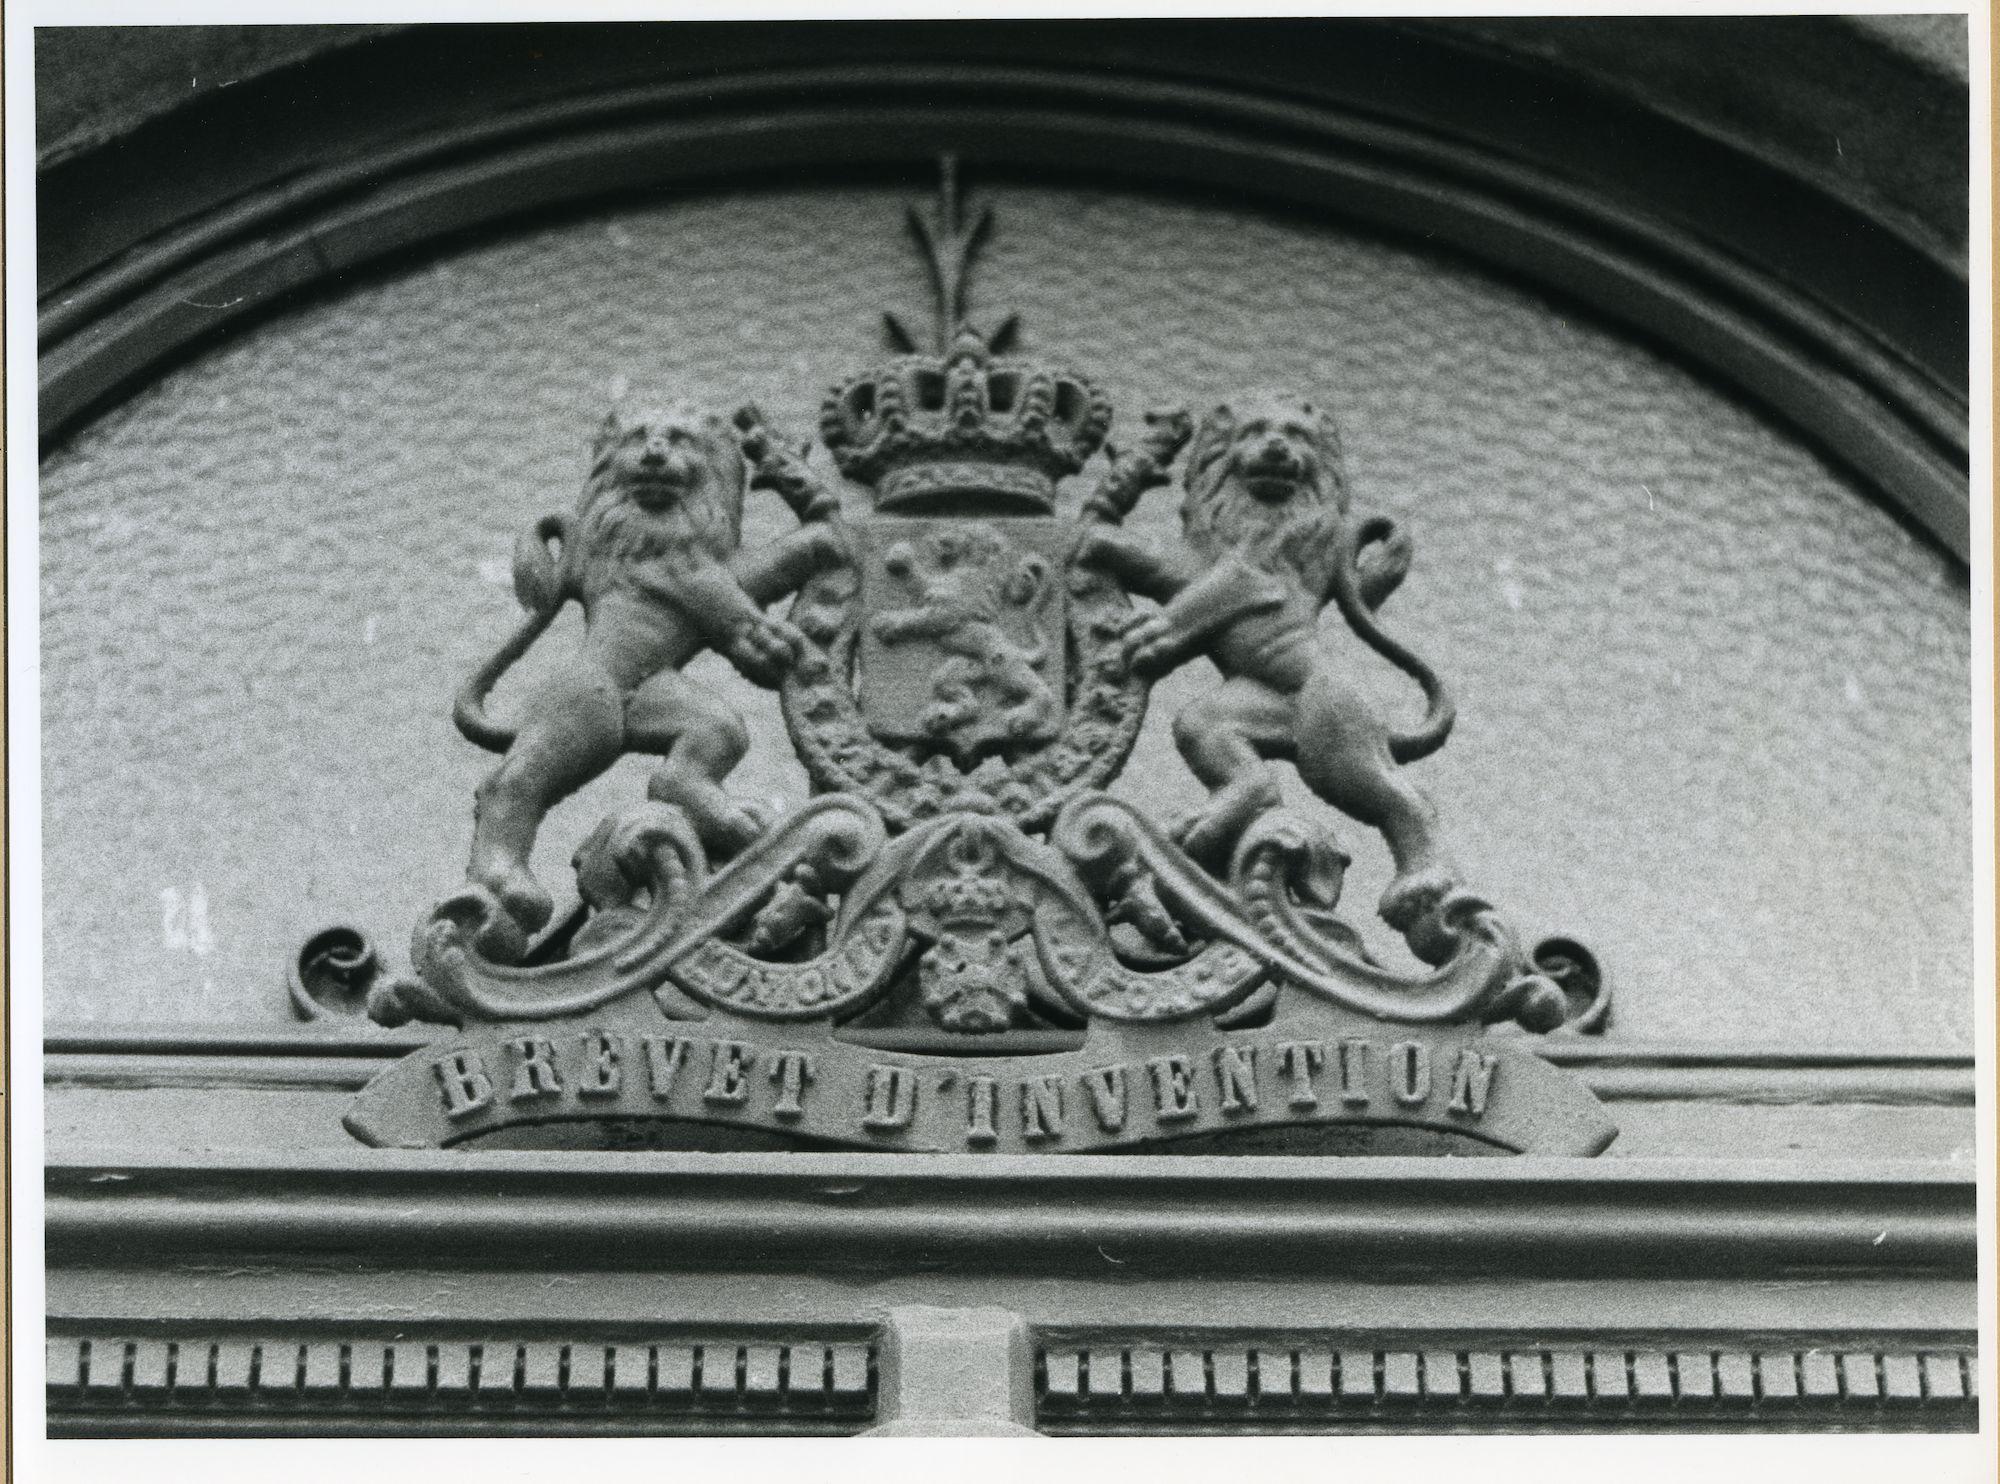 Gent: Oudburg 22: Uithangbord